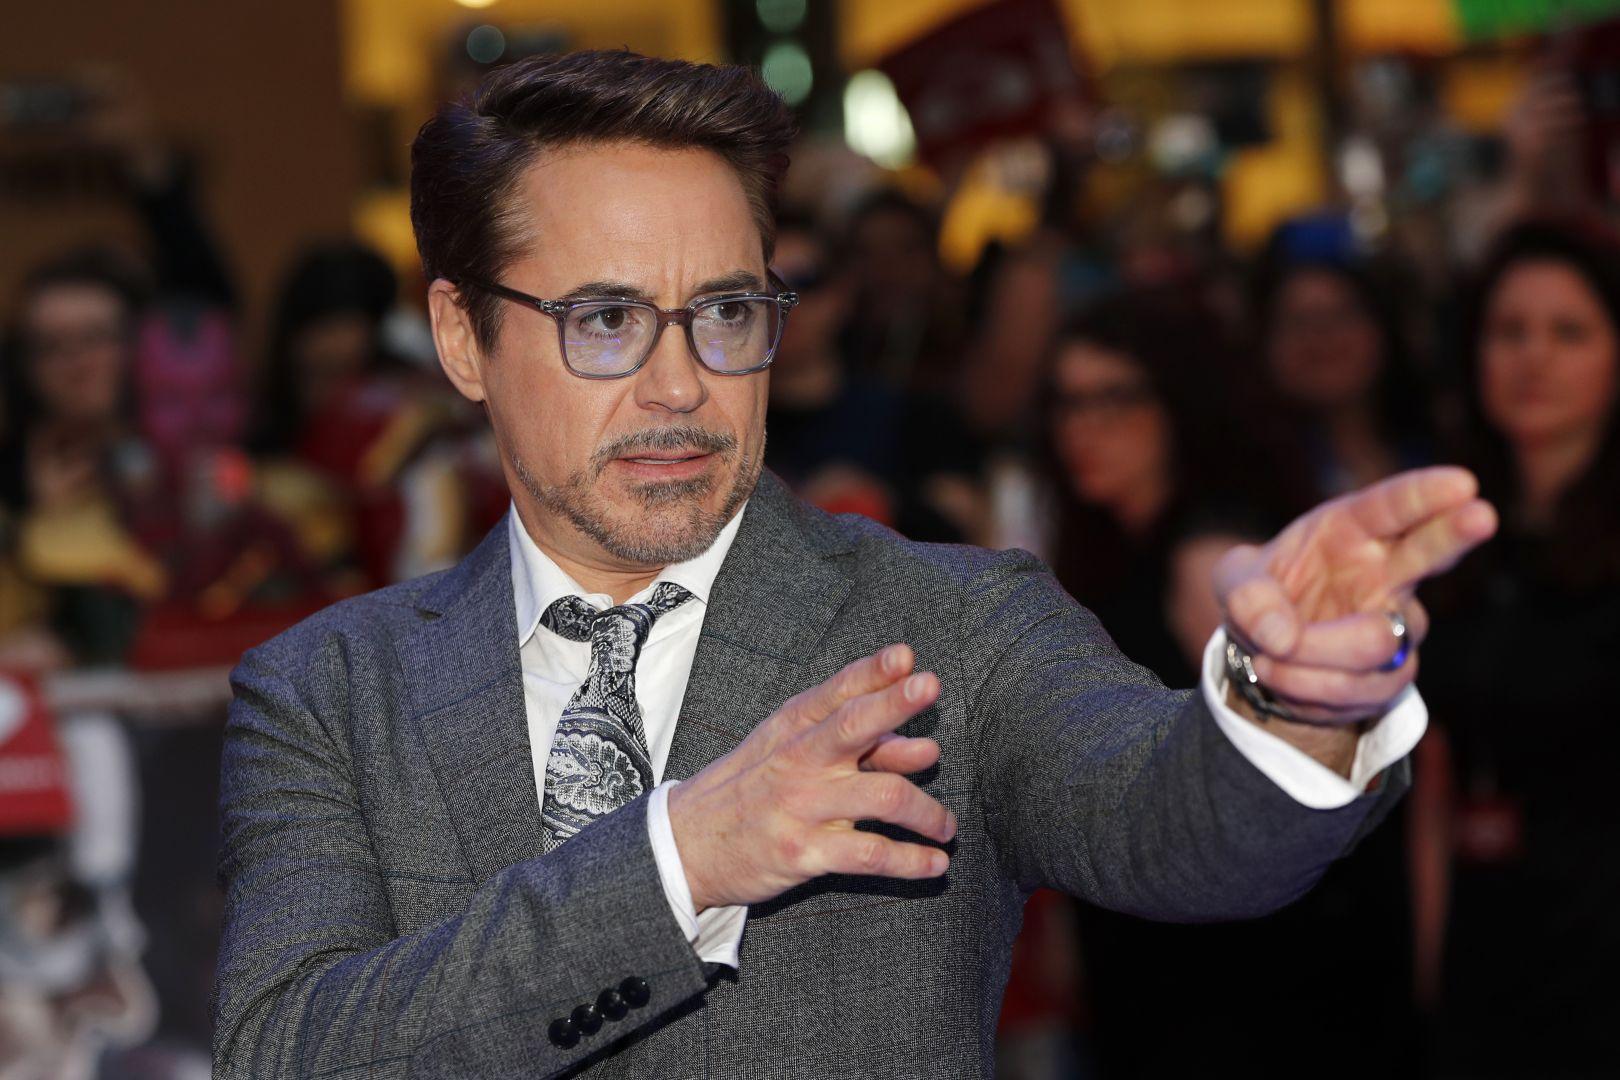 Robert downey Jr. at Captain America Civil War premiere.